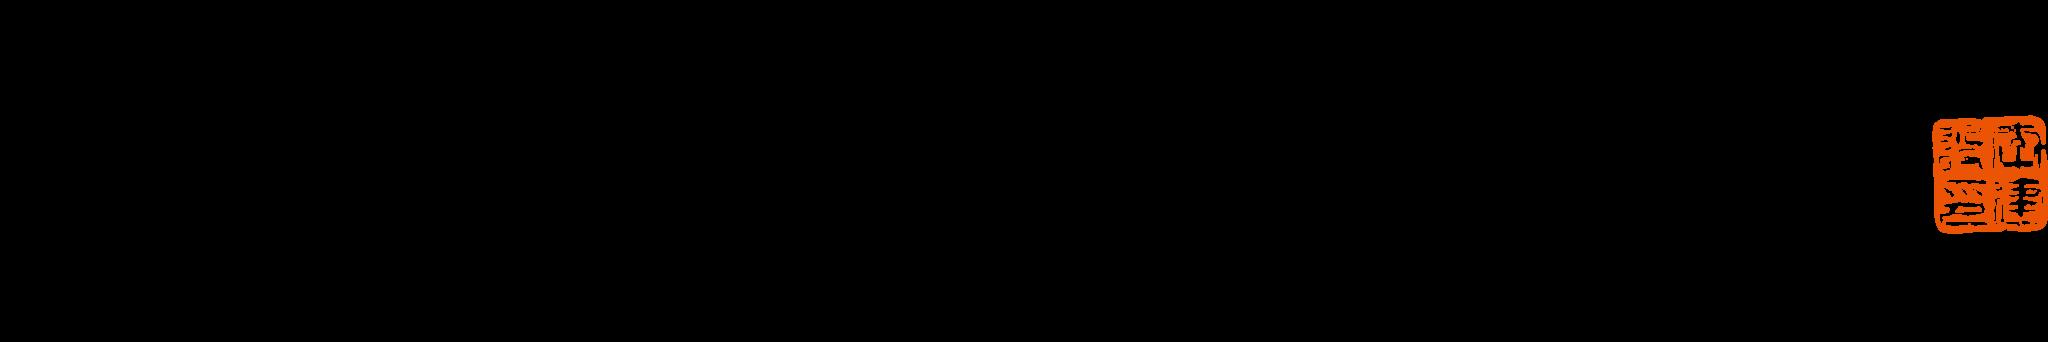 大工匠-首页墨字